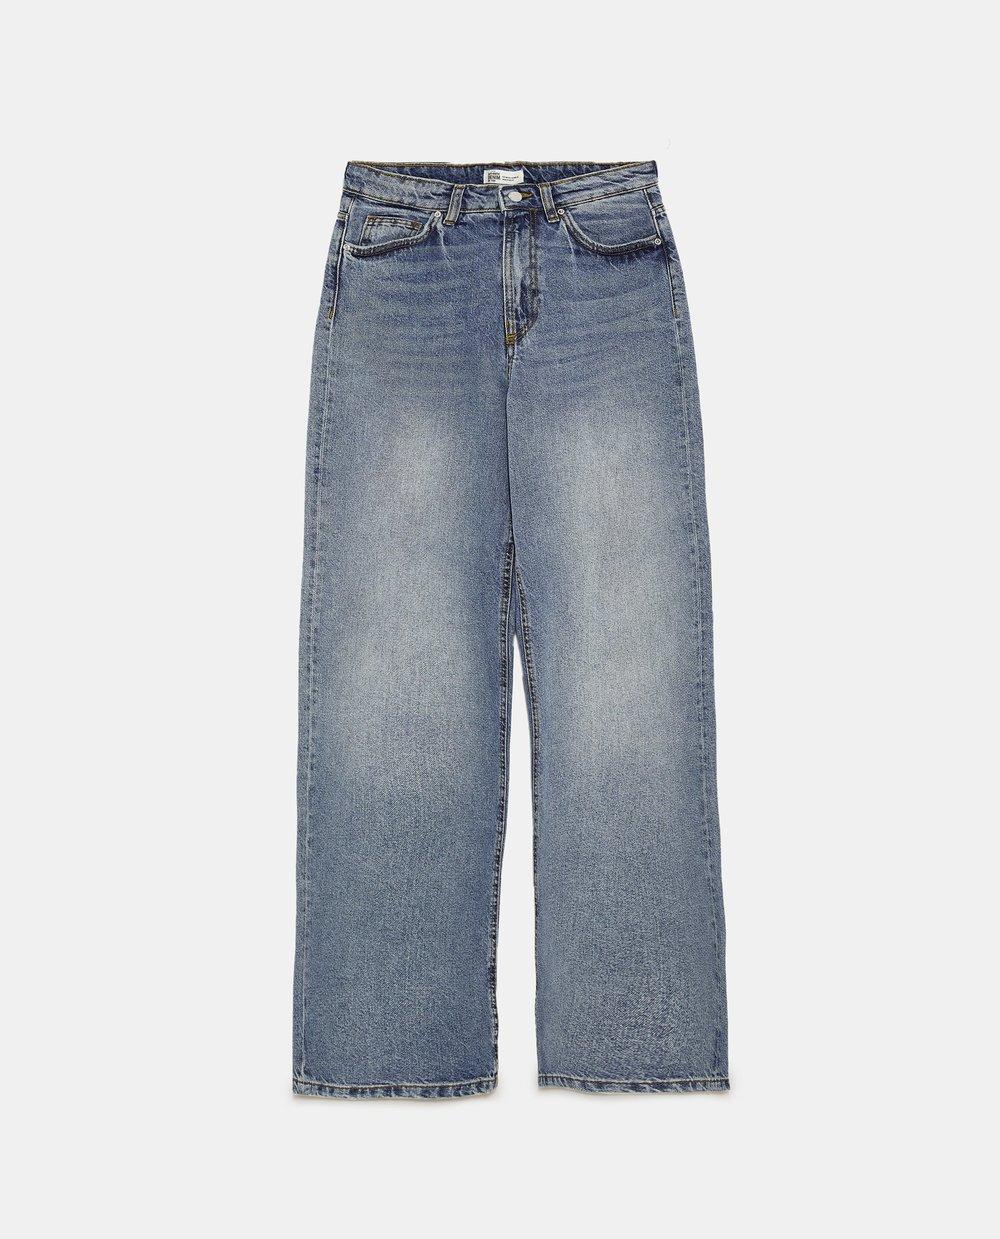 https://www.zara.com/ca/en/high-waist-wide-leg-authentic-denim-jeans-p06855005.html?v1=5949517&v2=809005